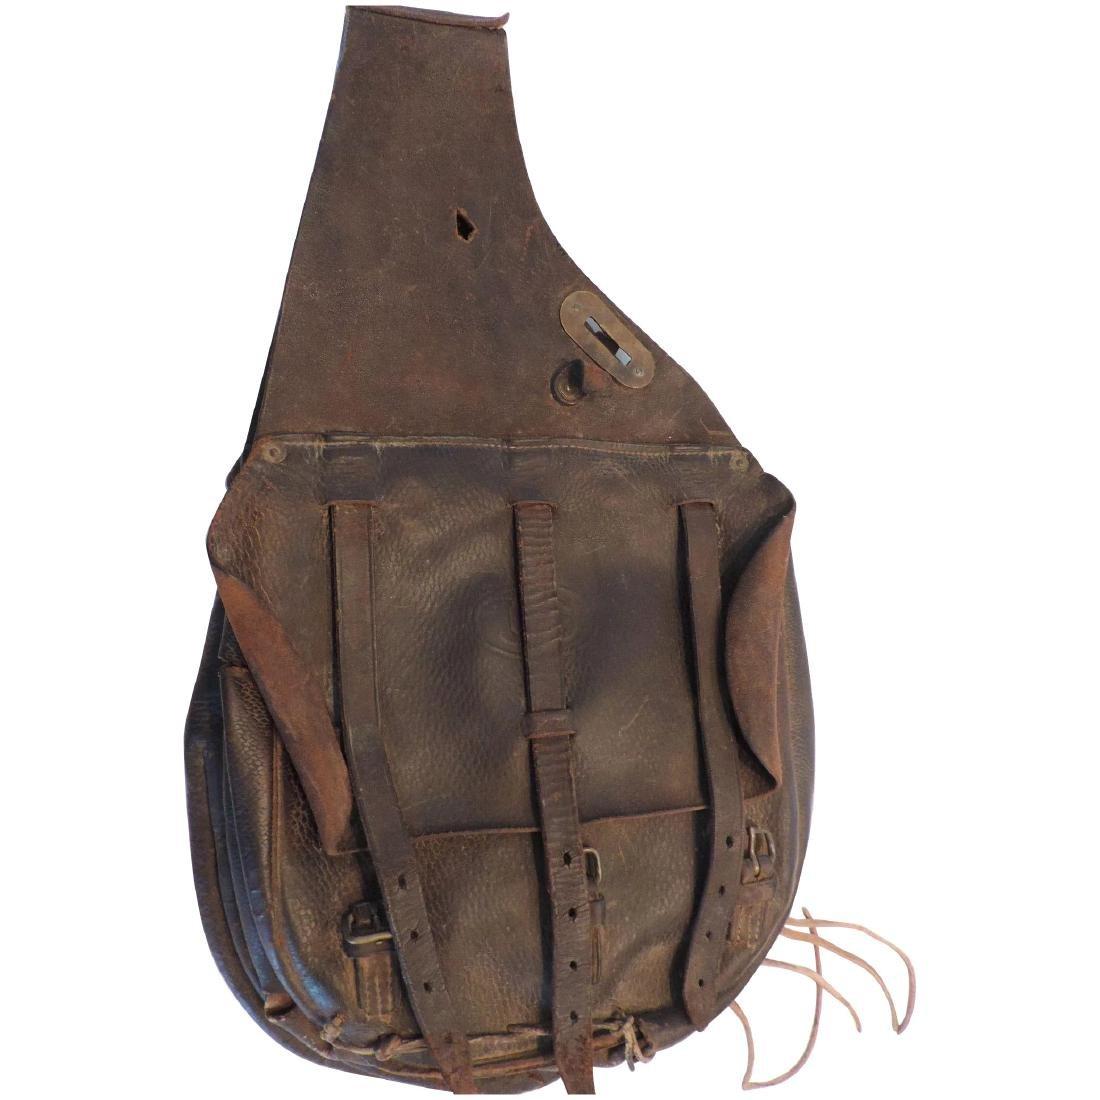 U.S. Army Civil War Saddle Bags